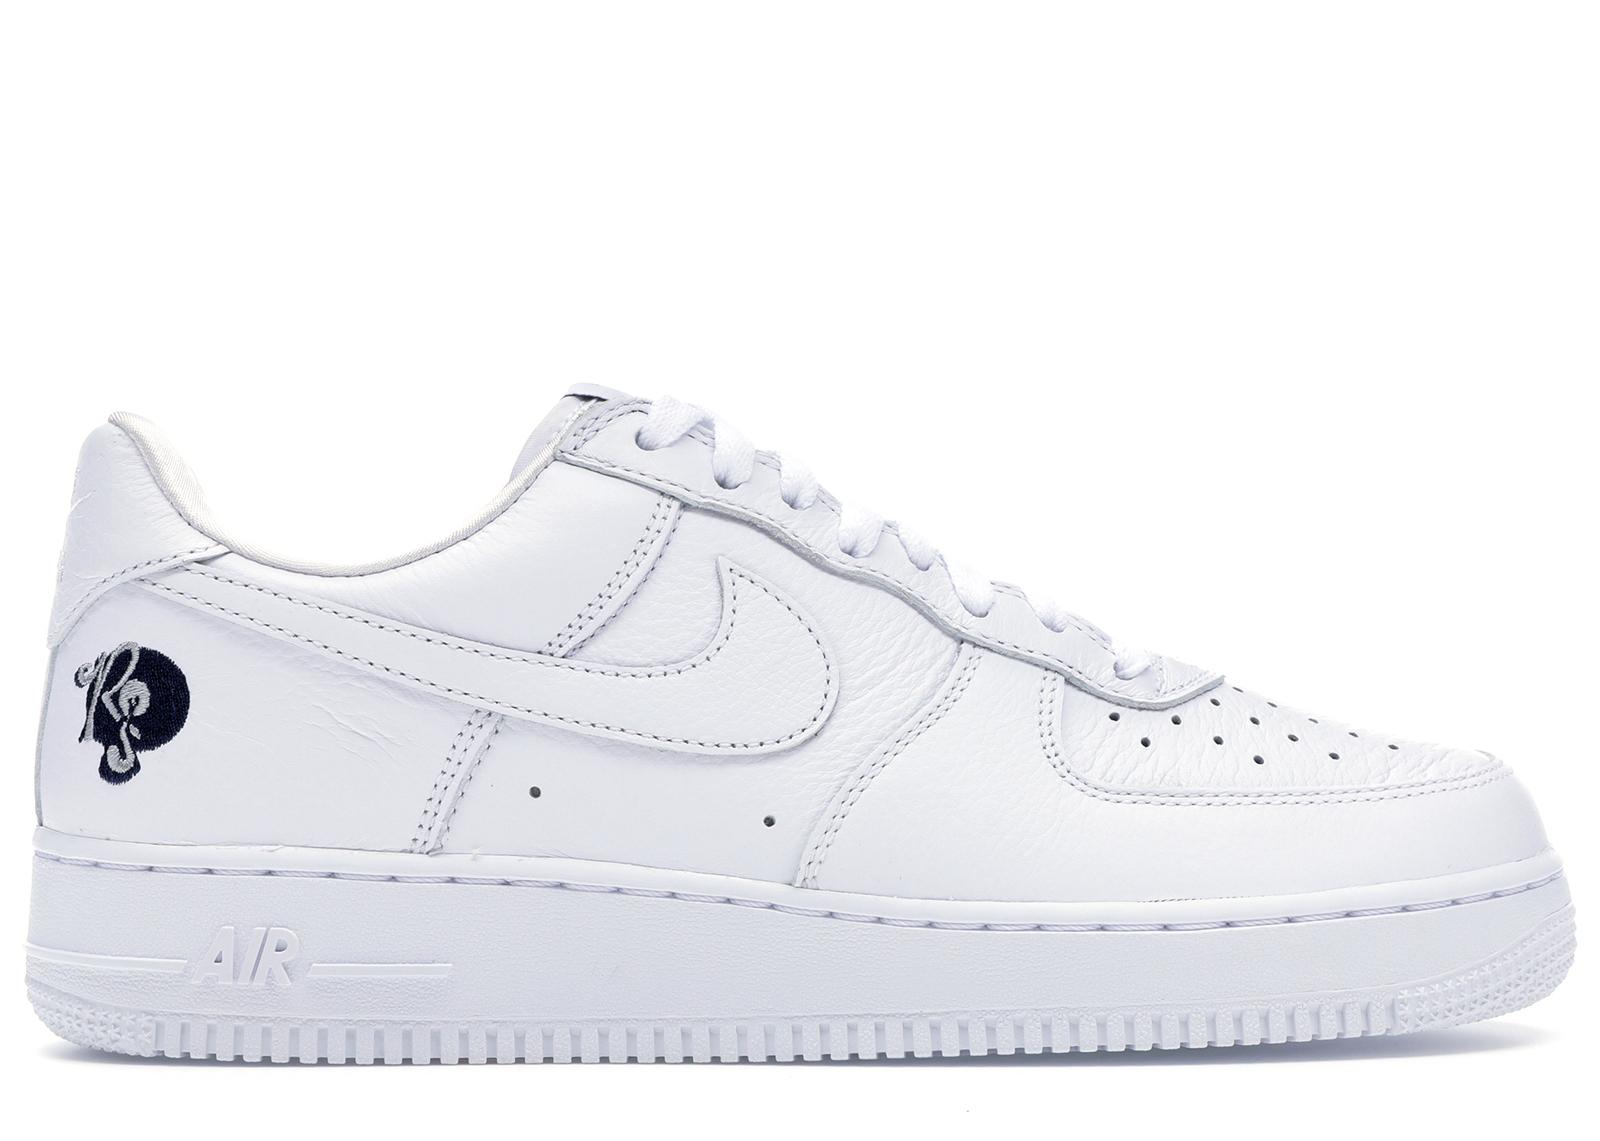 Nike Air Force 1 Low Roc-A-Fella (AF100